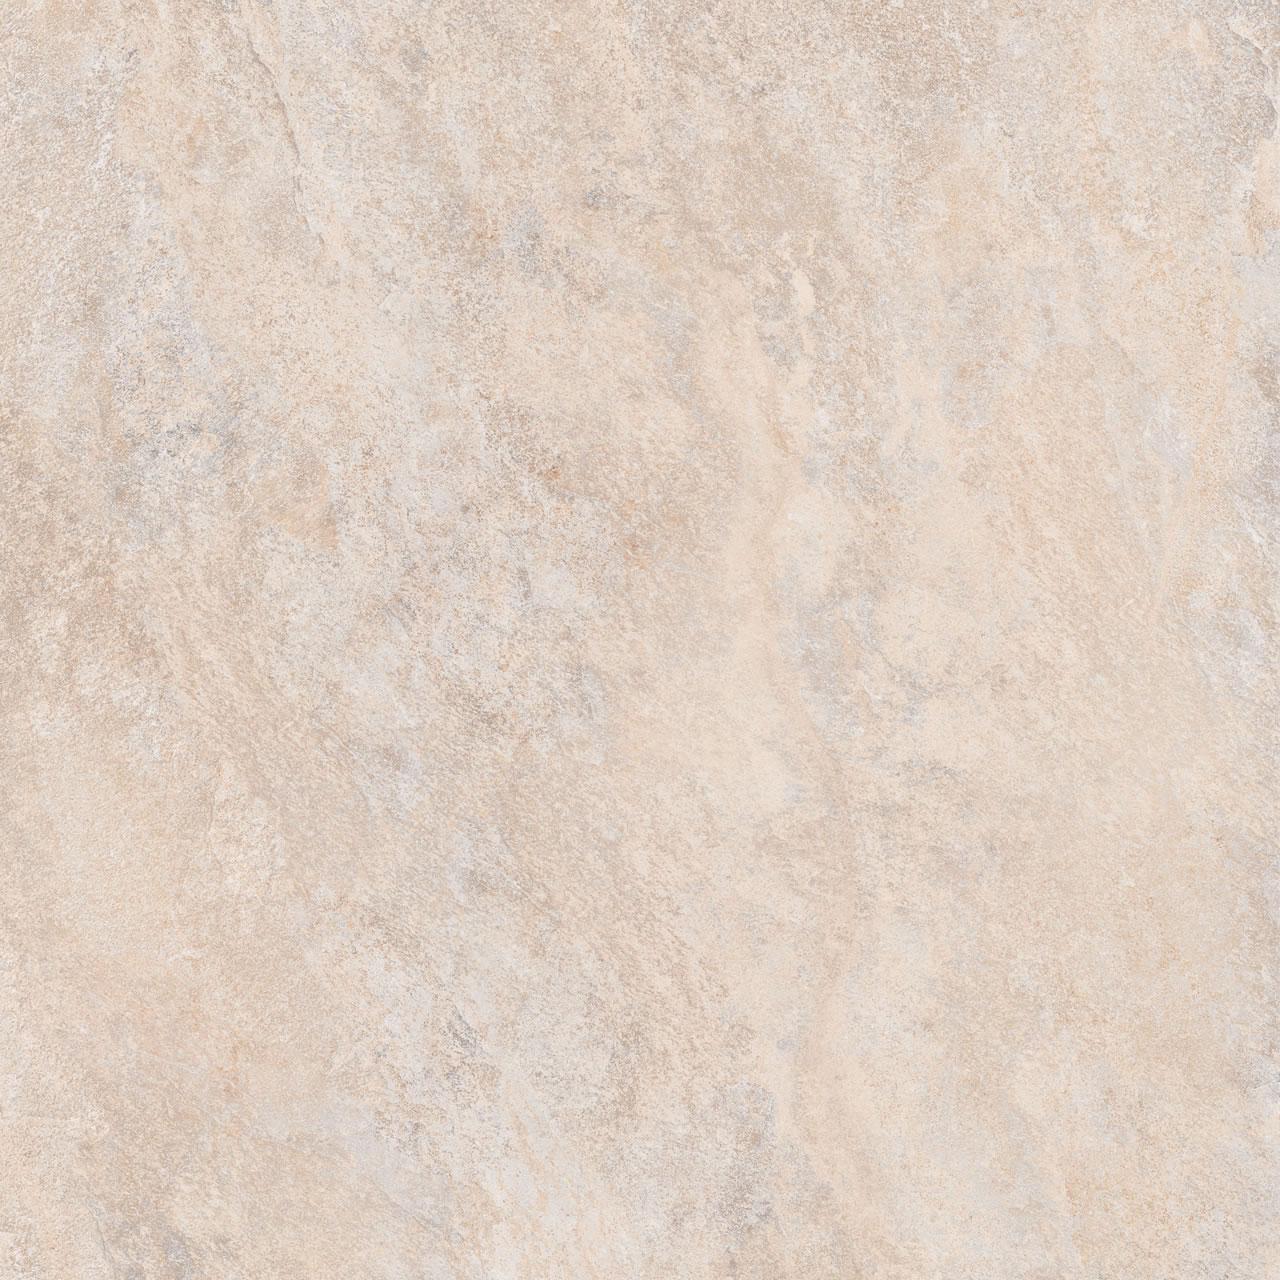 quartz areia ext 59×59